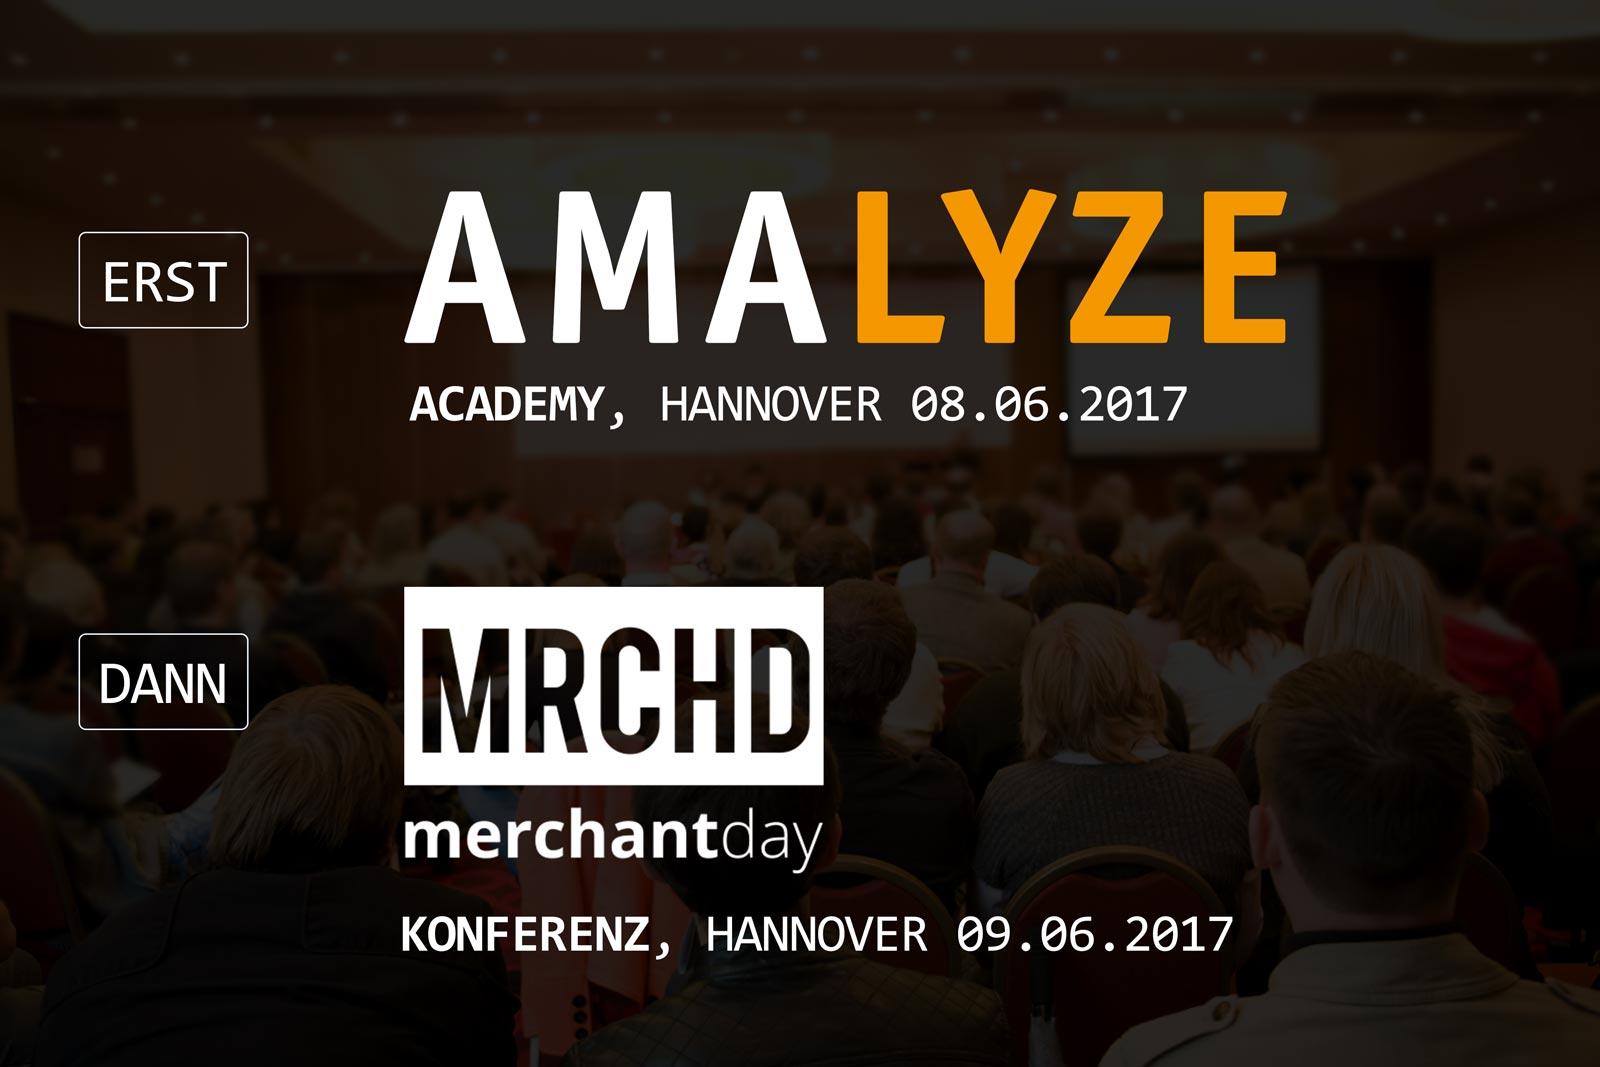 Volle Dröhnung Amazon: erst AMALYZE Academy, dann Konferenz